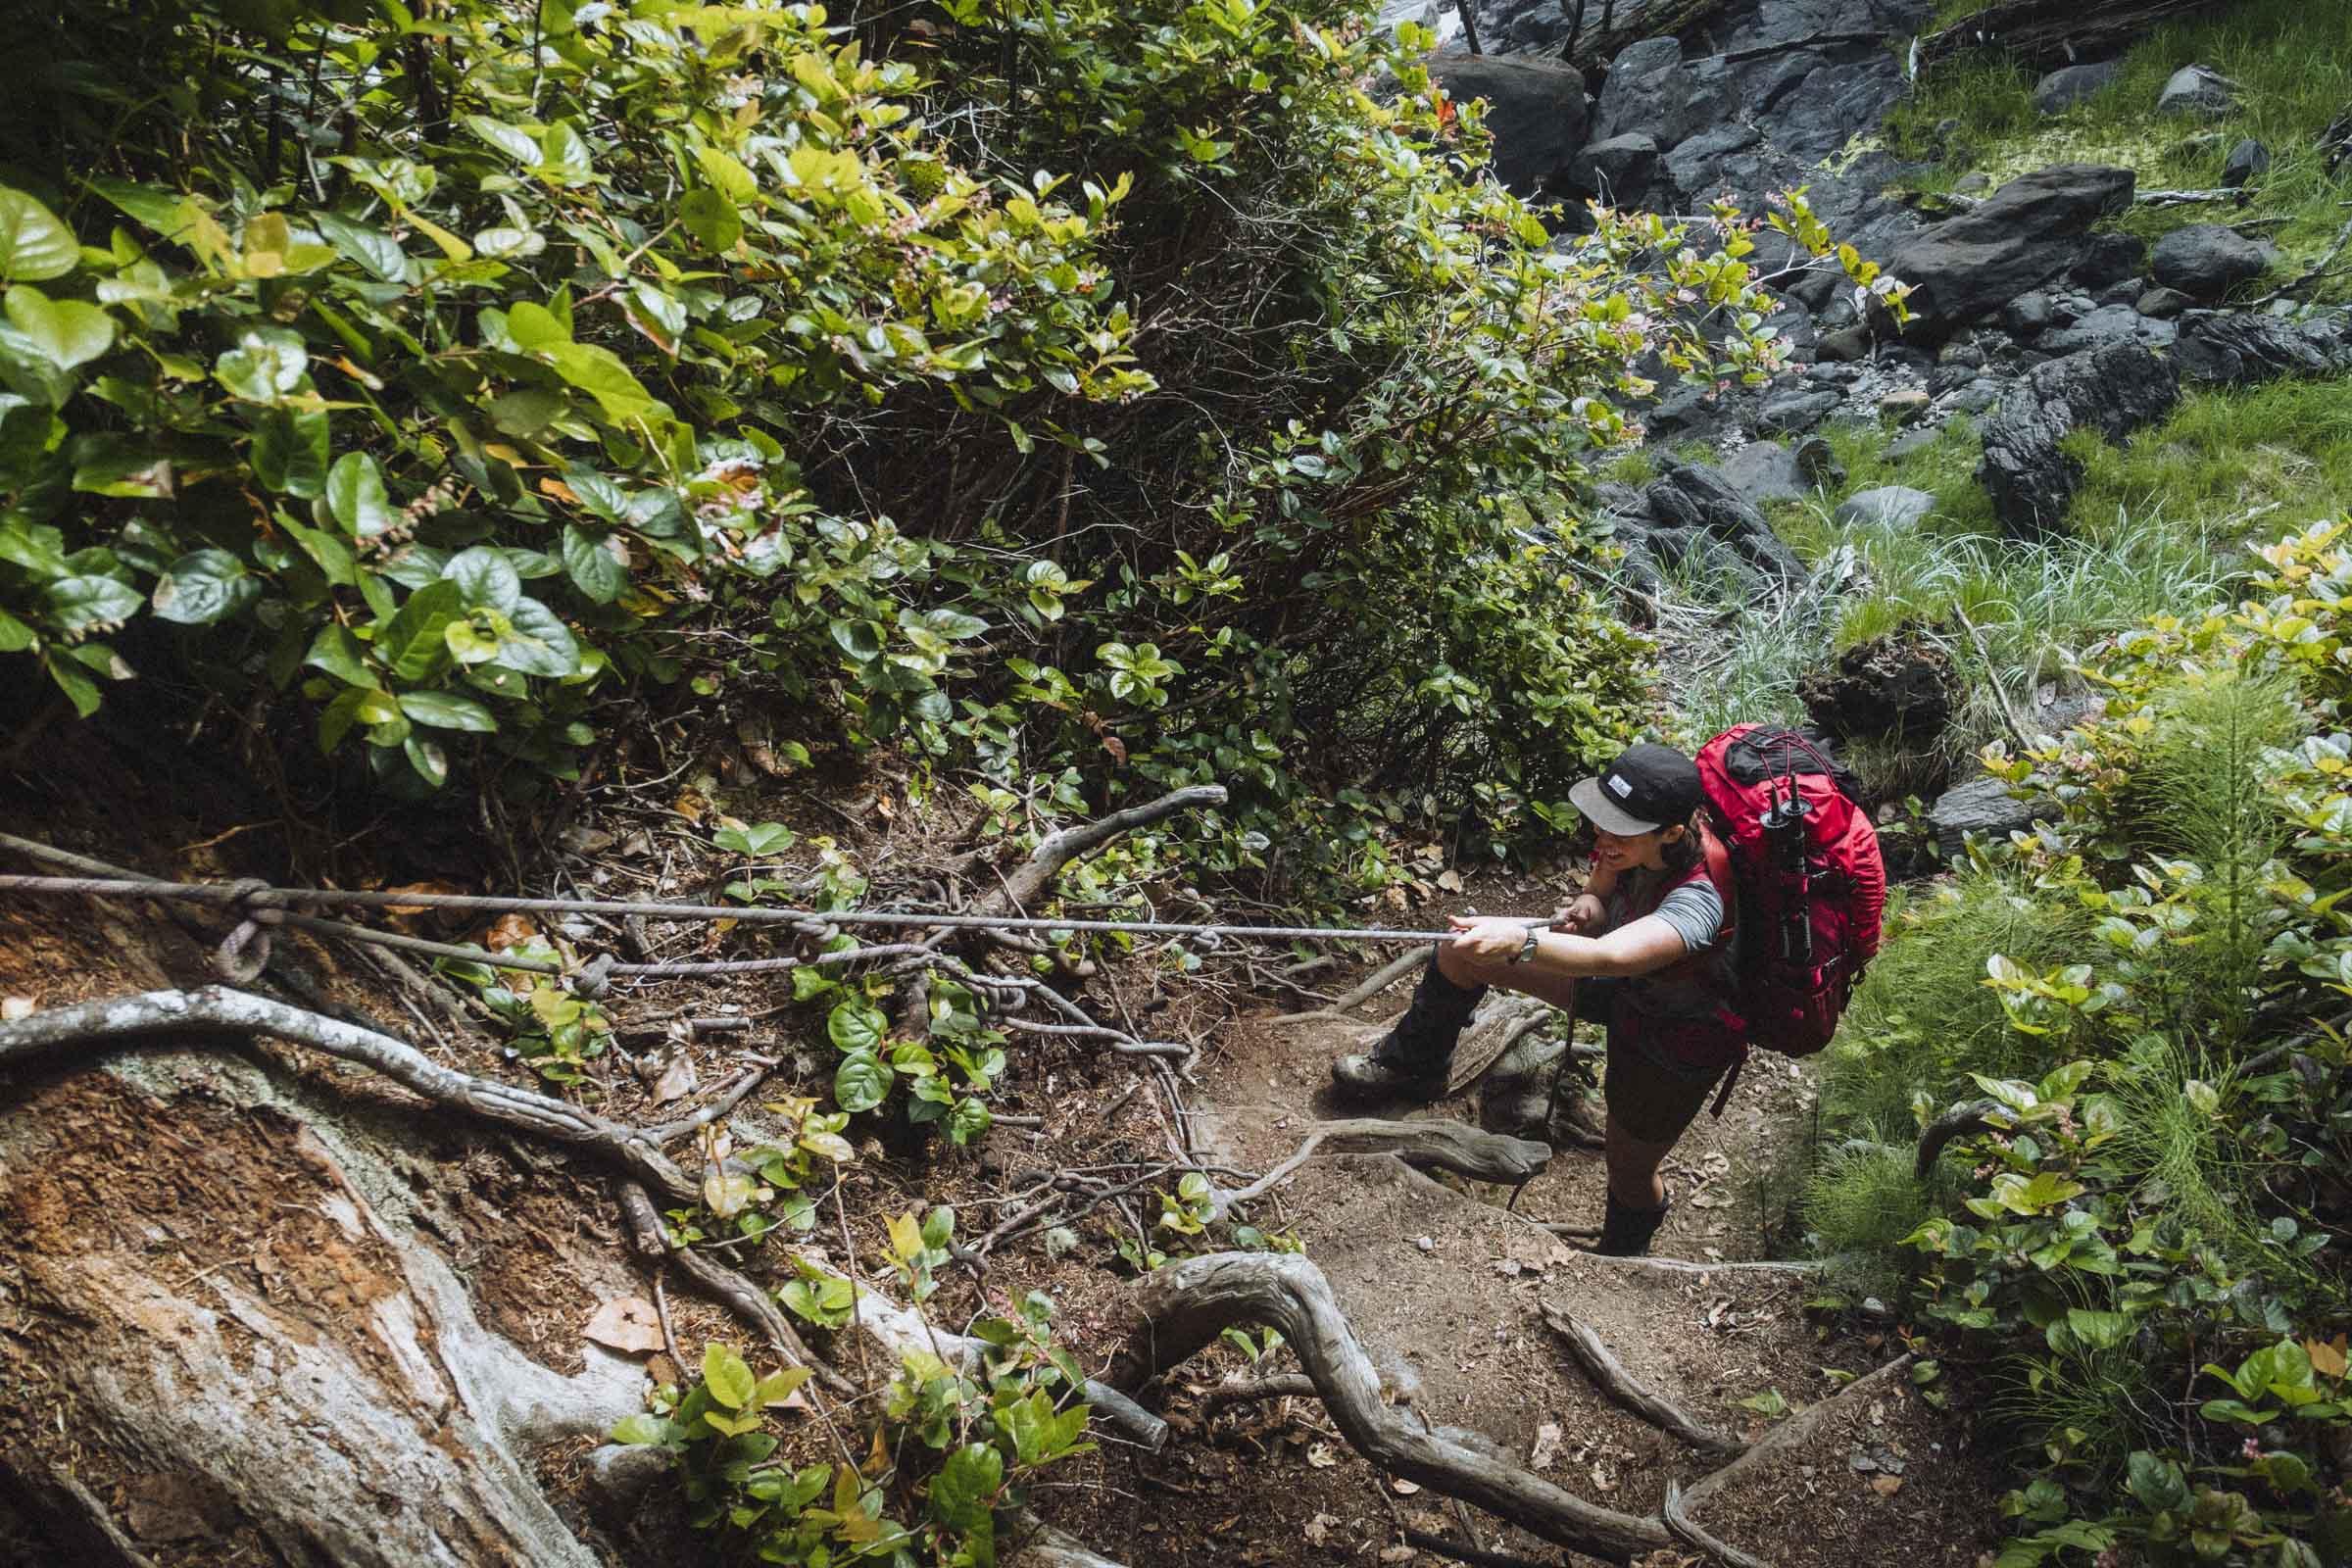 The Juan de Fuca Trail